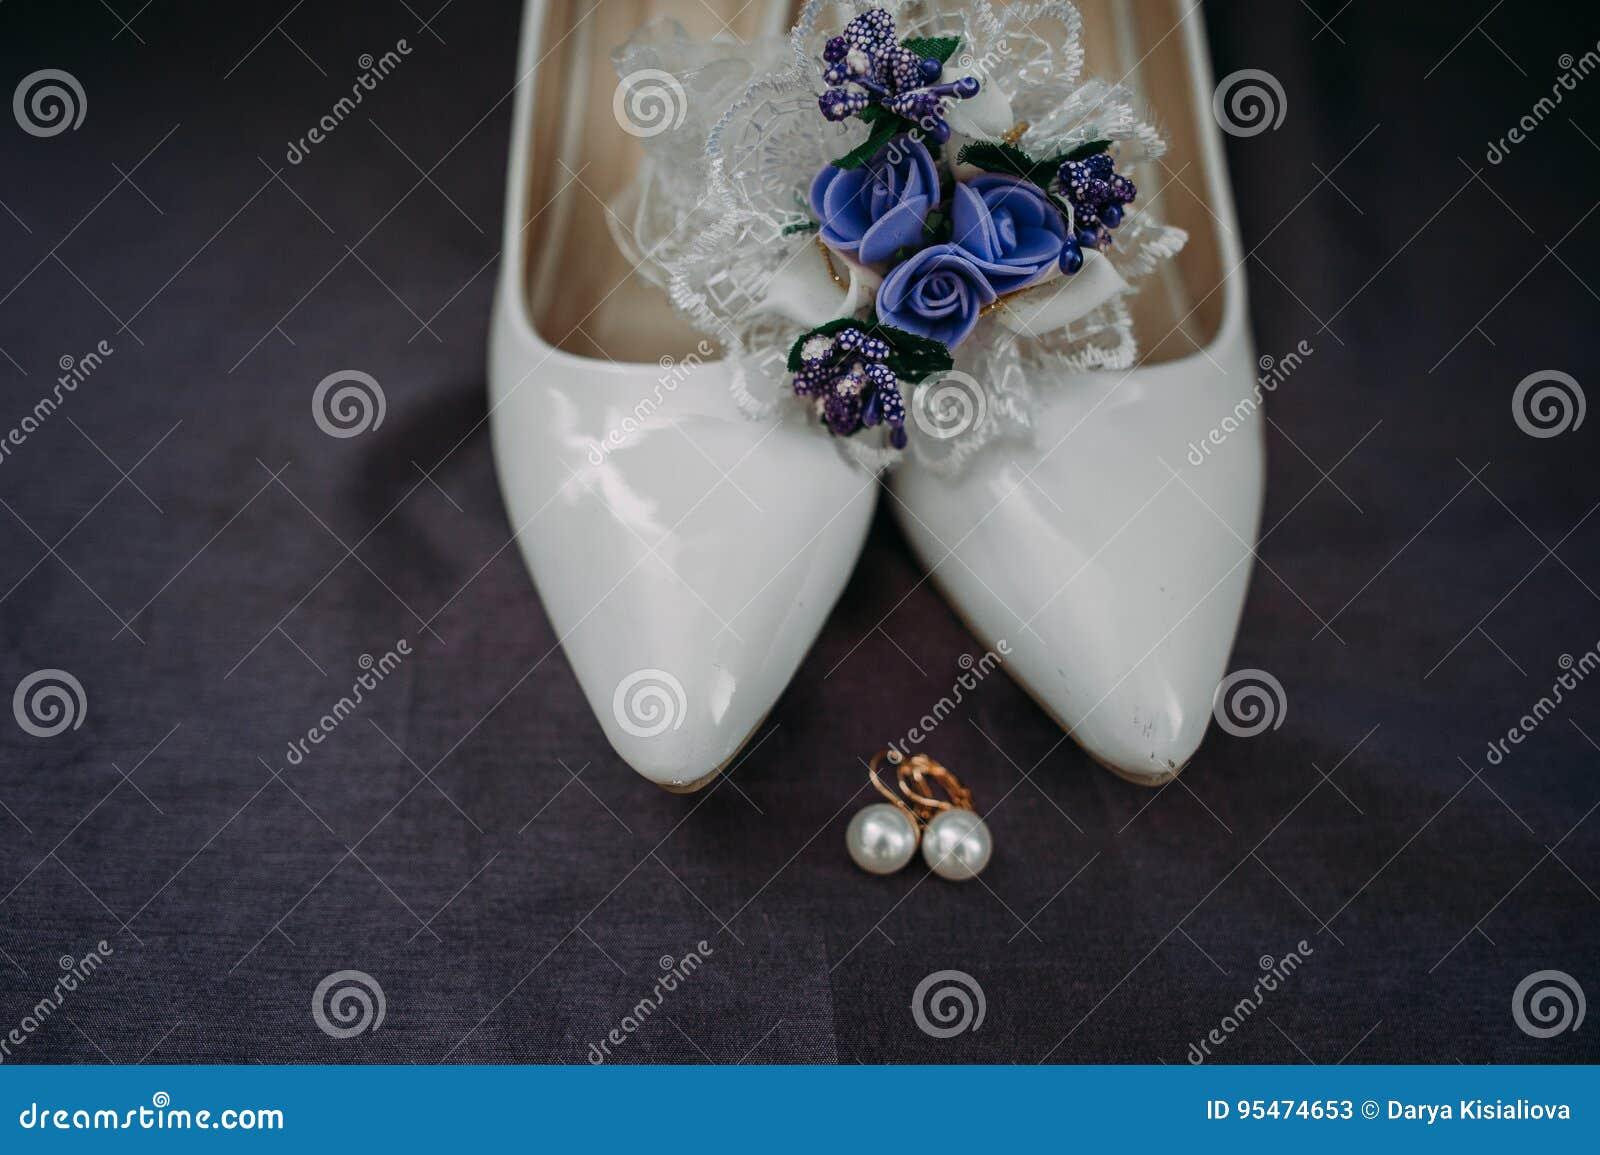 新娘辅助部件:系带女衬衫,袜带,芭蕾舱内甲板,高跟鞋